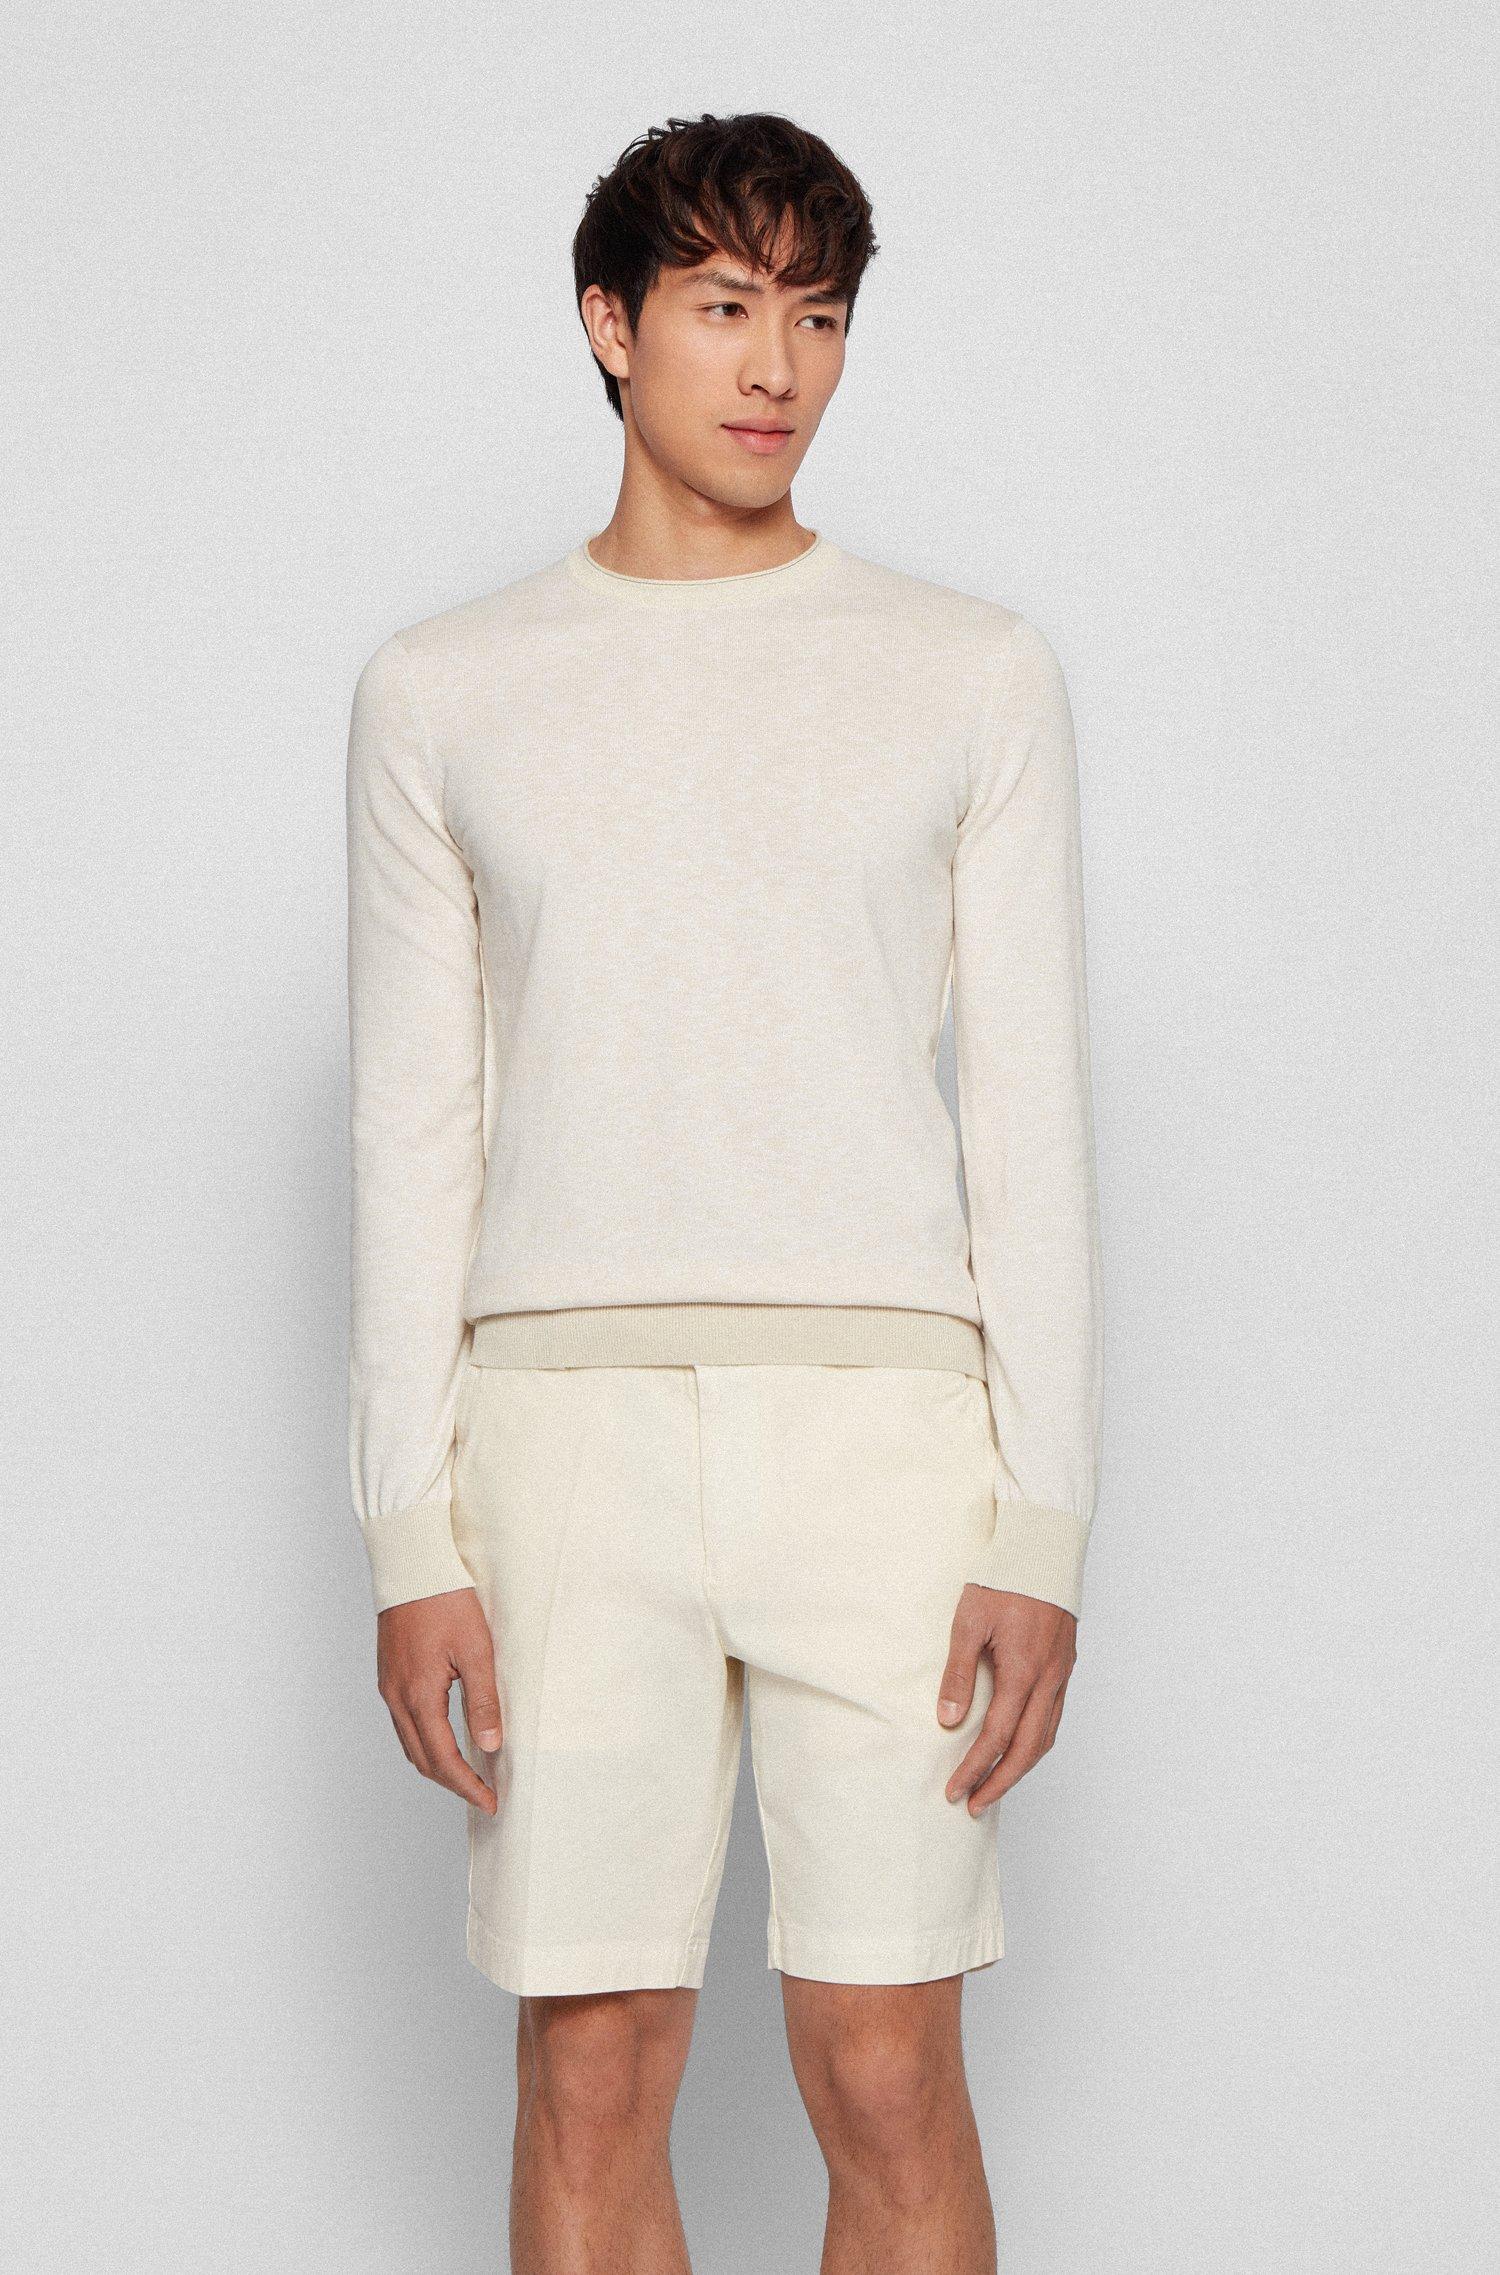 Maglione slim fit in cotone con bordo del collo arrotolato, Beige chiaro